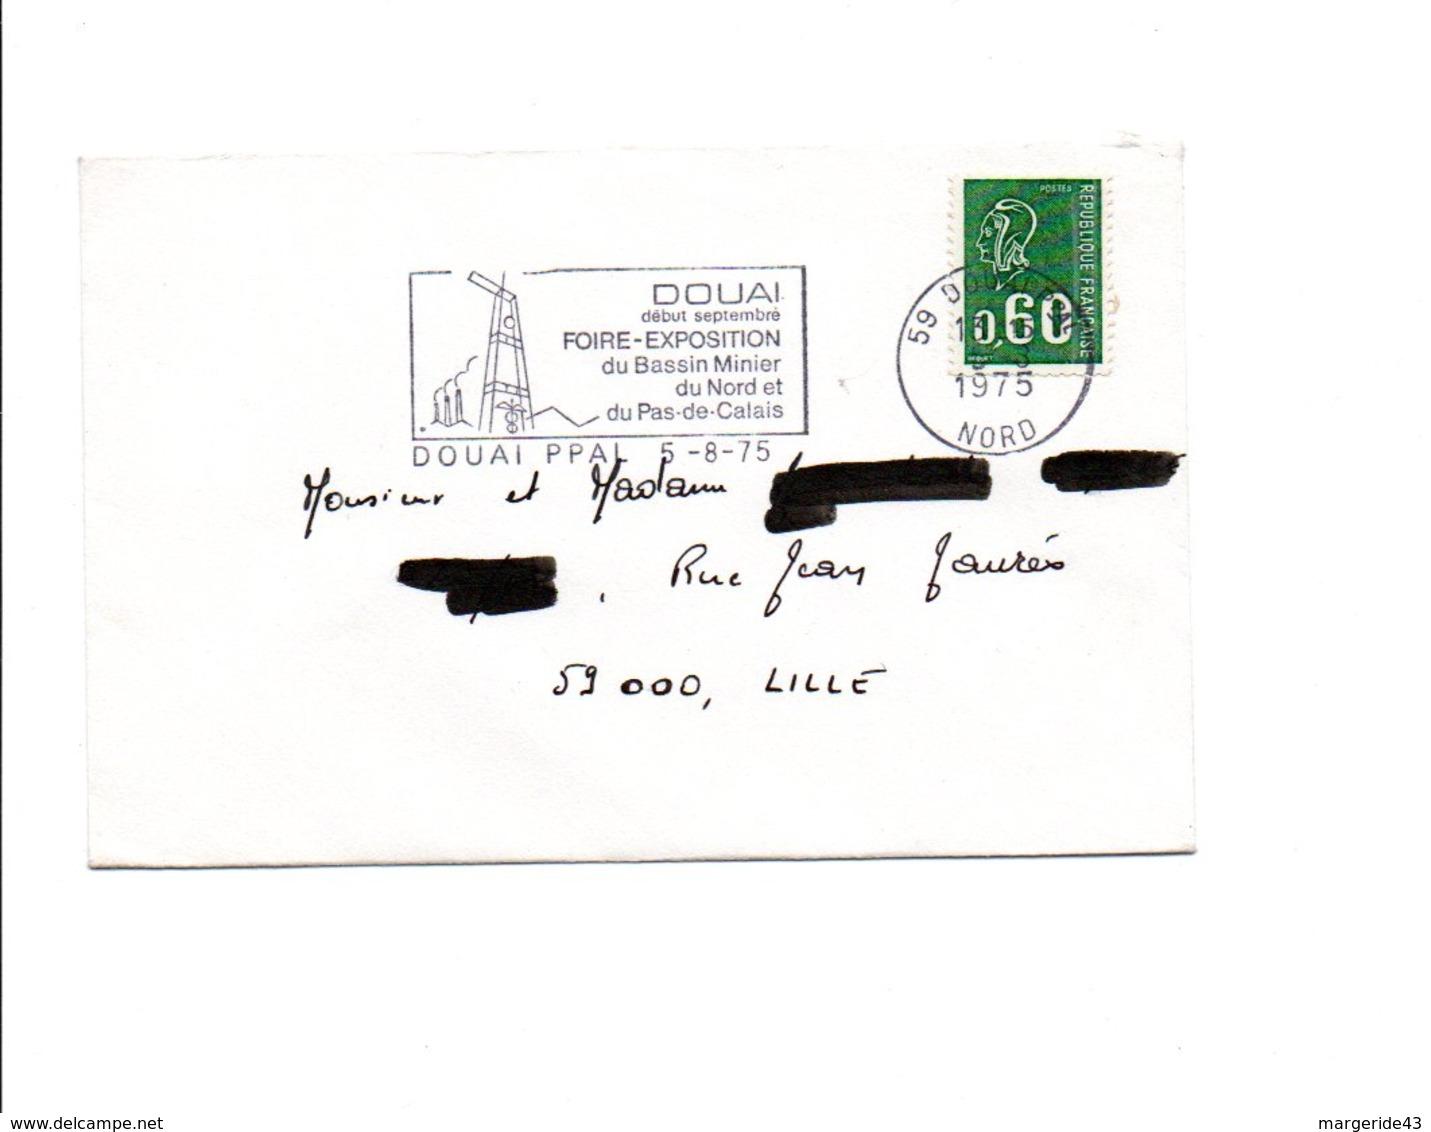 FLAMME FOIRE EXPO DE DOUAI NORD 1975 - Marcophilie (Lettres)